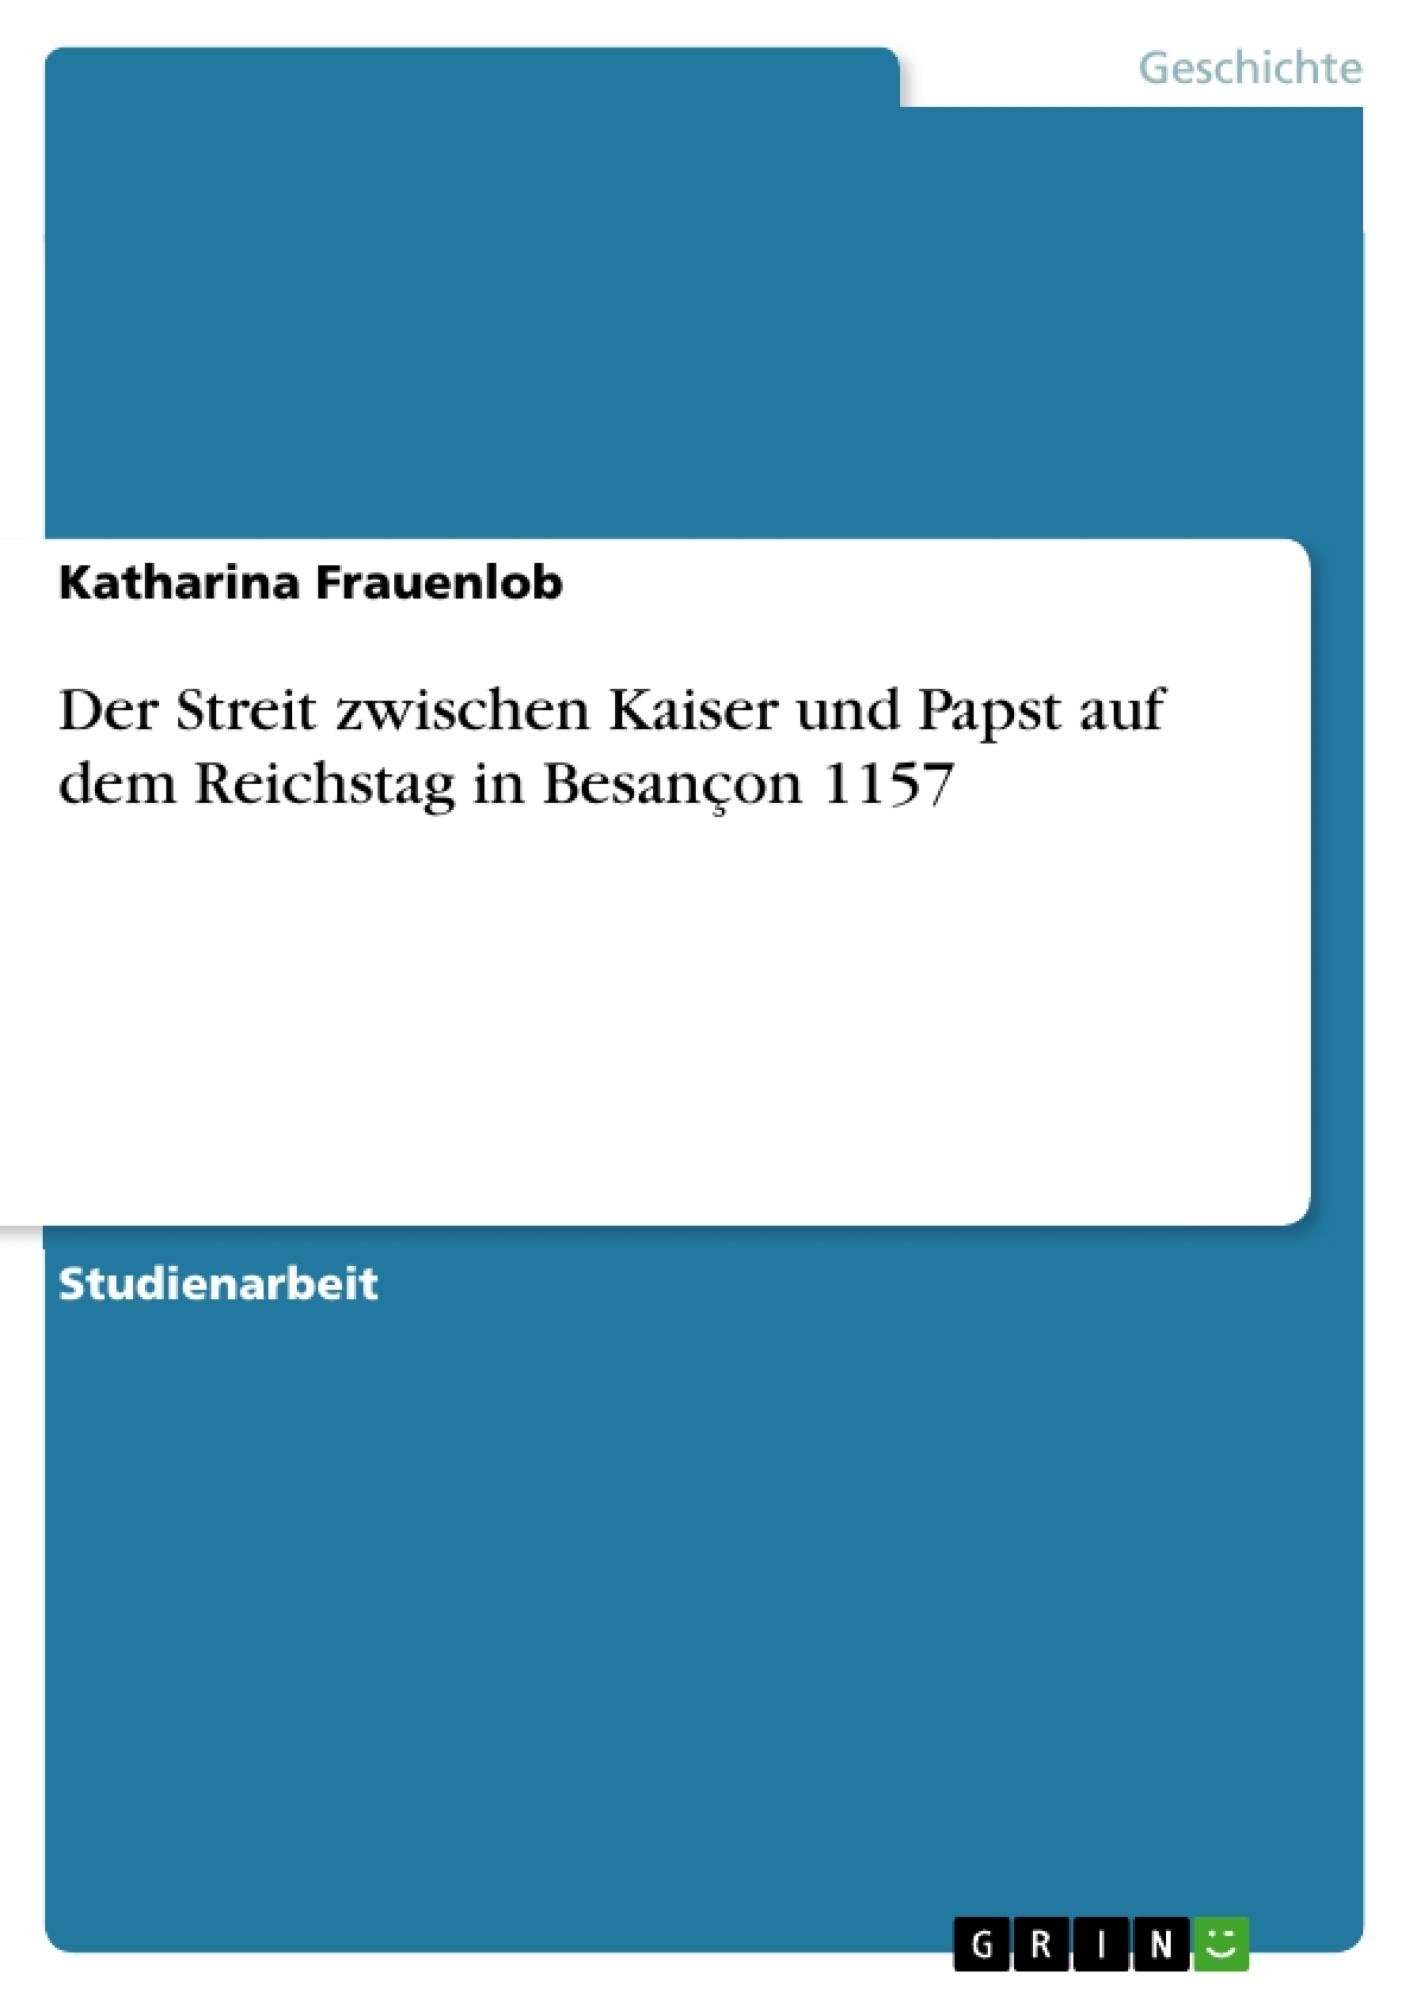 Titel: Der Streit zwischen Kaiser und Papst auf dem Reichstag in Besançon 1157